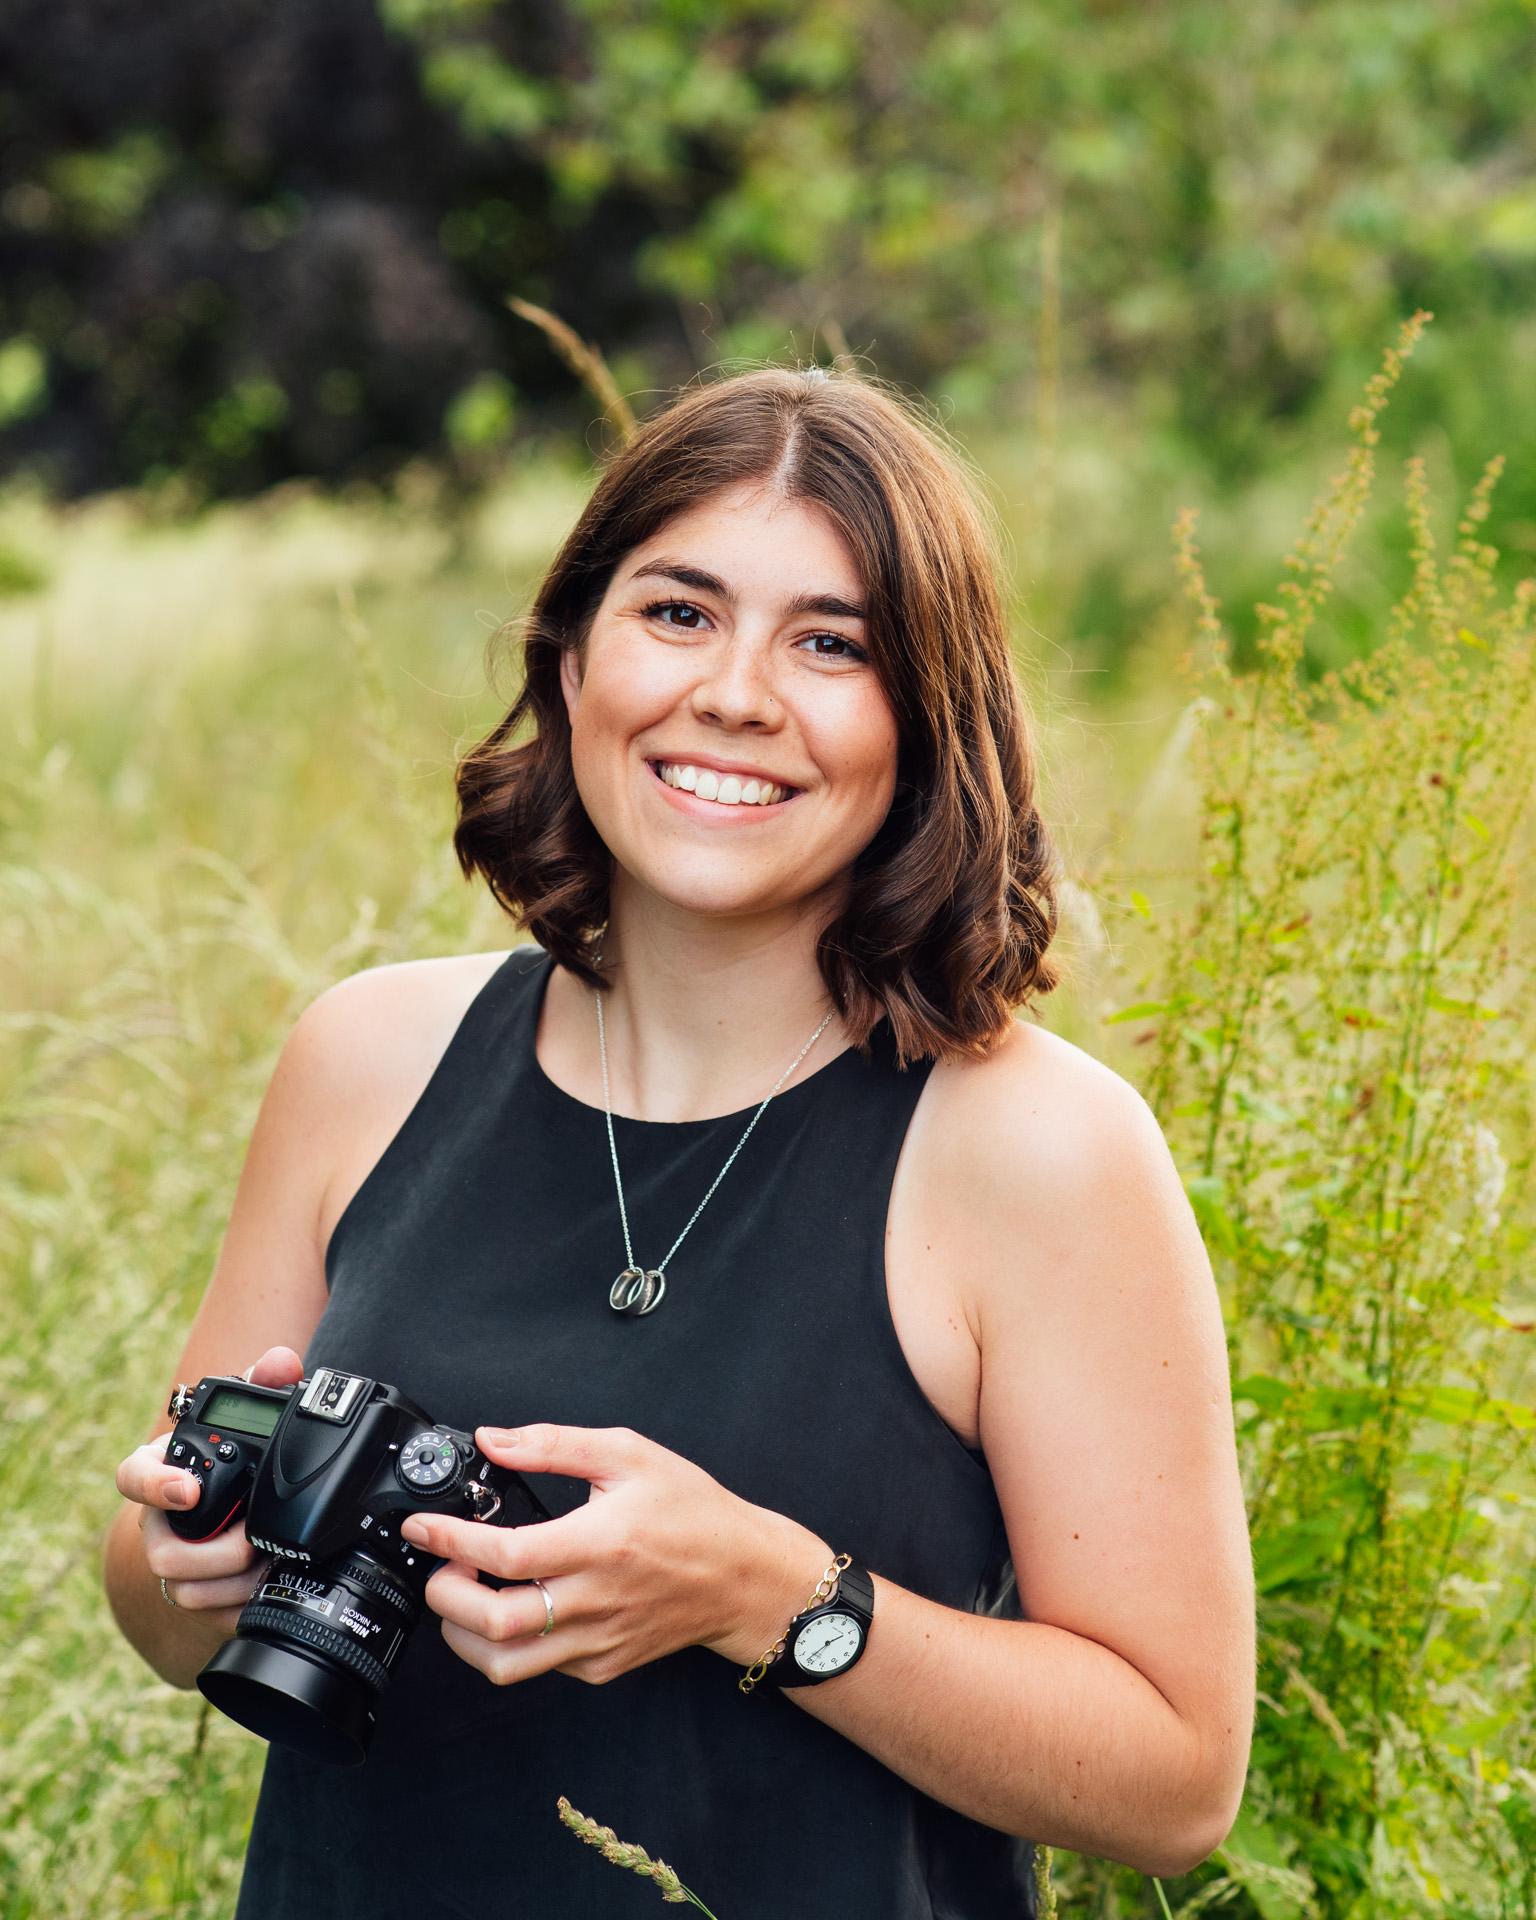 Devon-Branding-Photographer-Sophie-Carefull-3-2.jpg